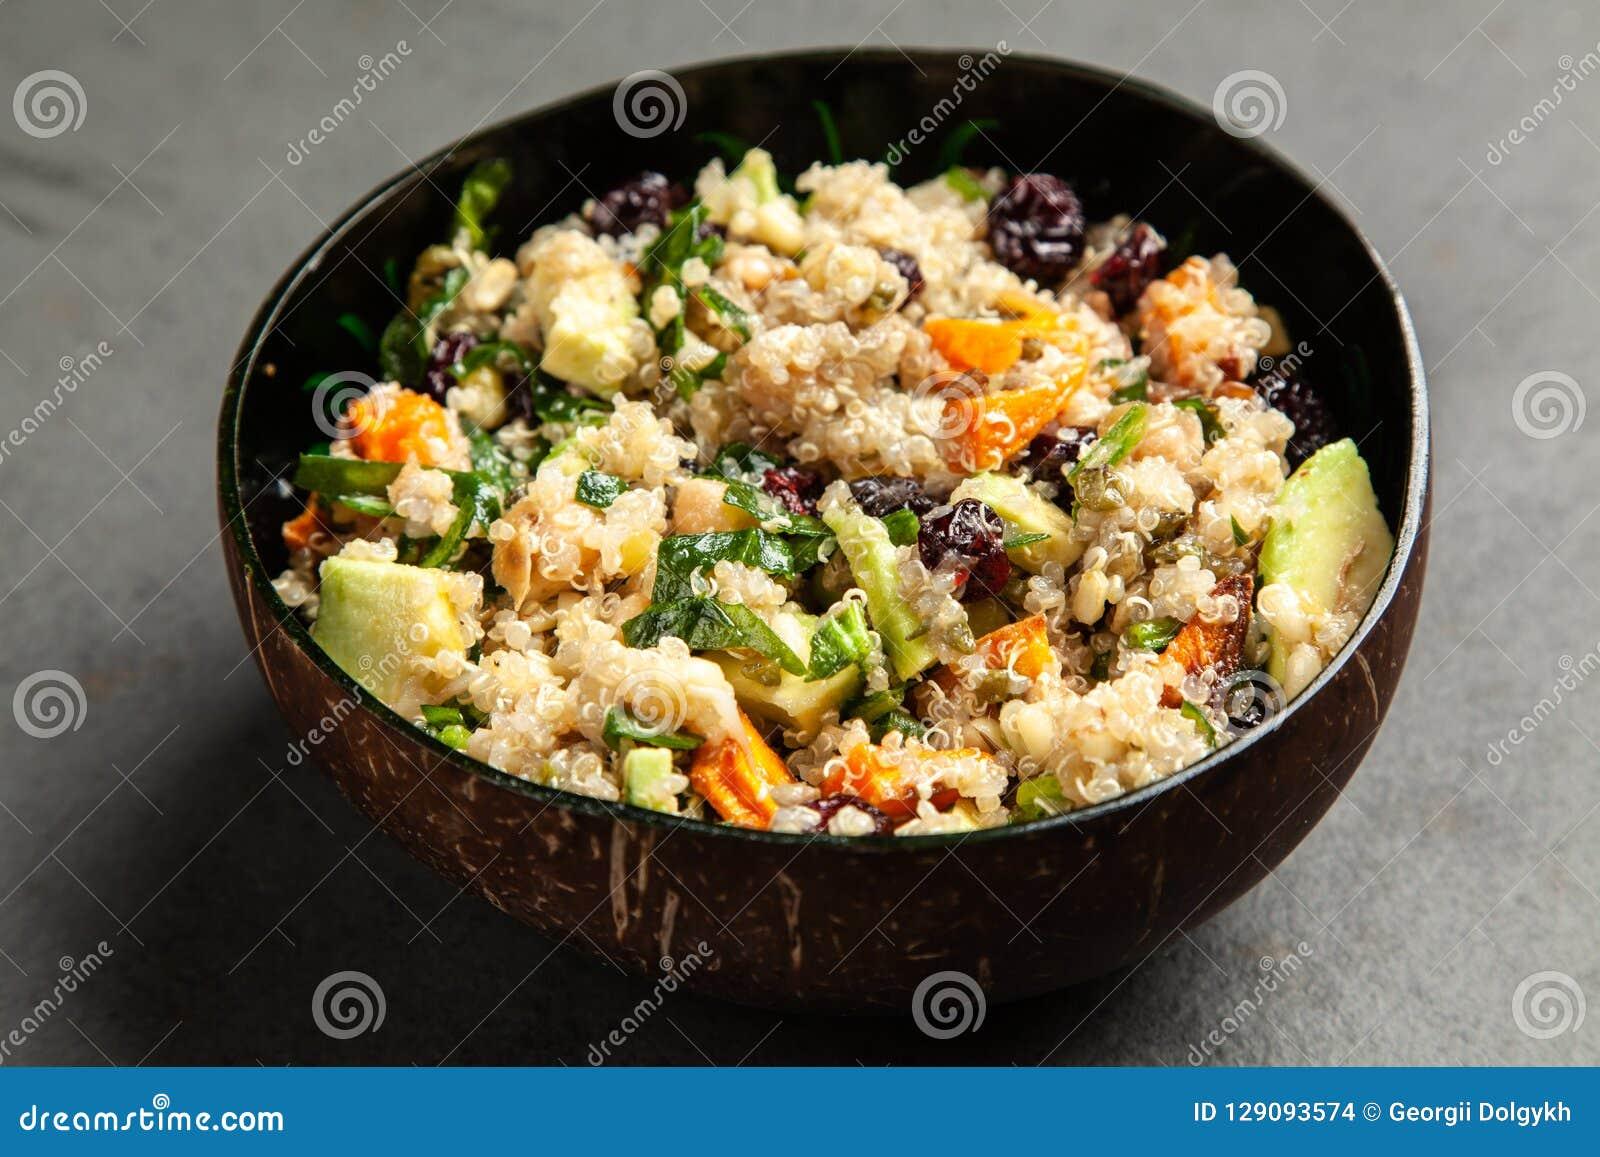 Quinoa salade in een kom